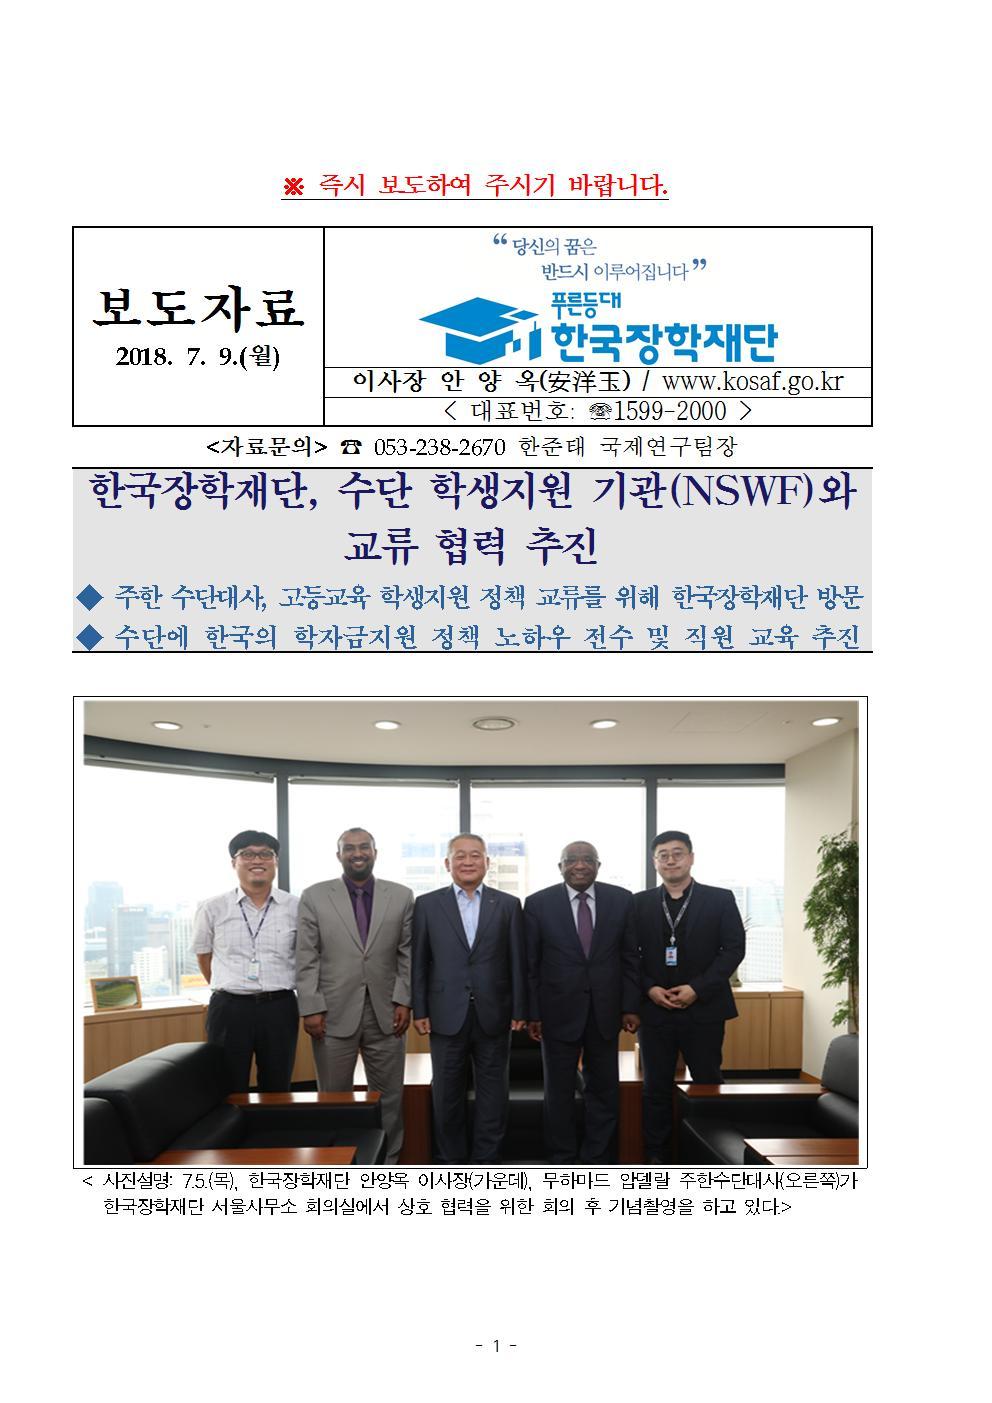 07-09(월)[보도자료] 한국장학재단, 수단 학생지원 기관 NSWF와 교류 협력 추진001.jpg